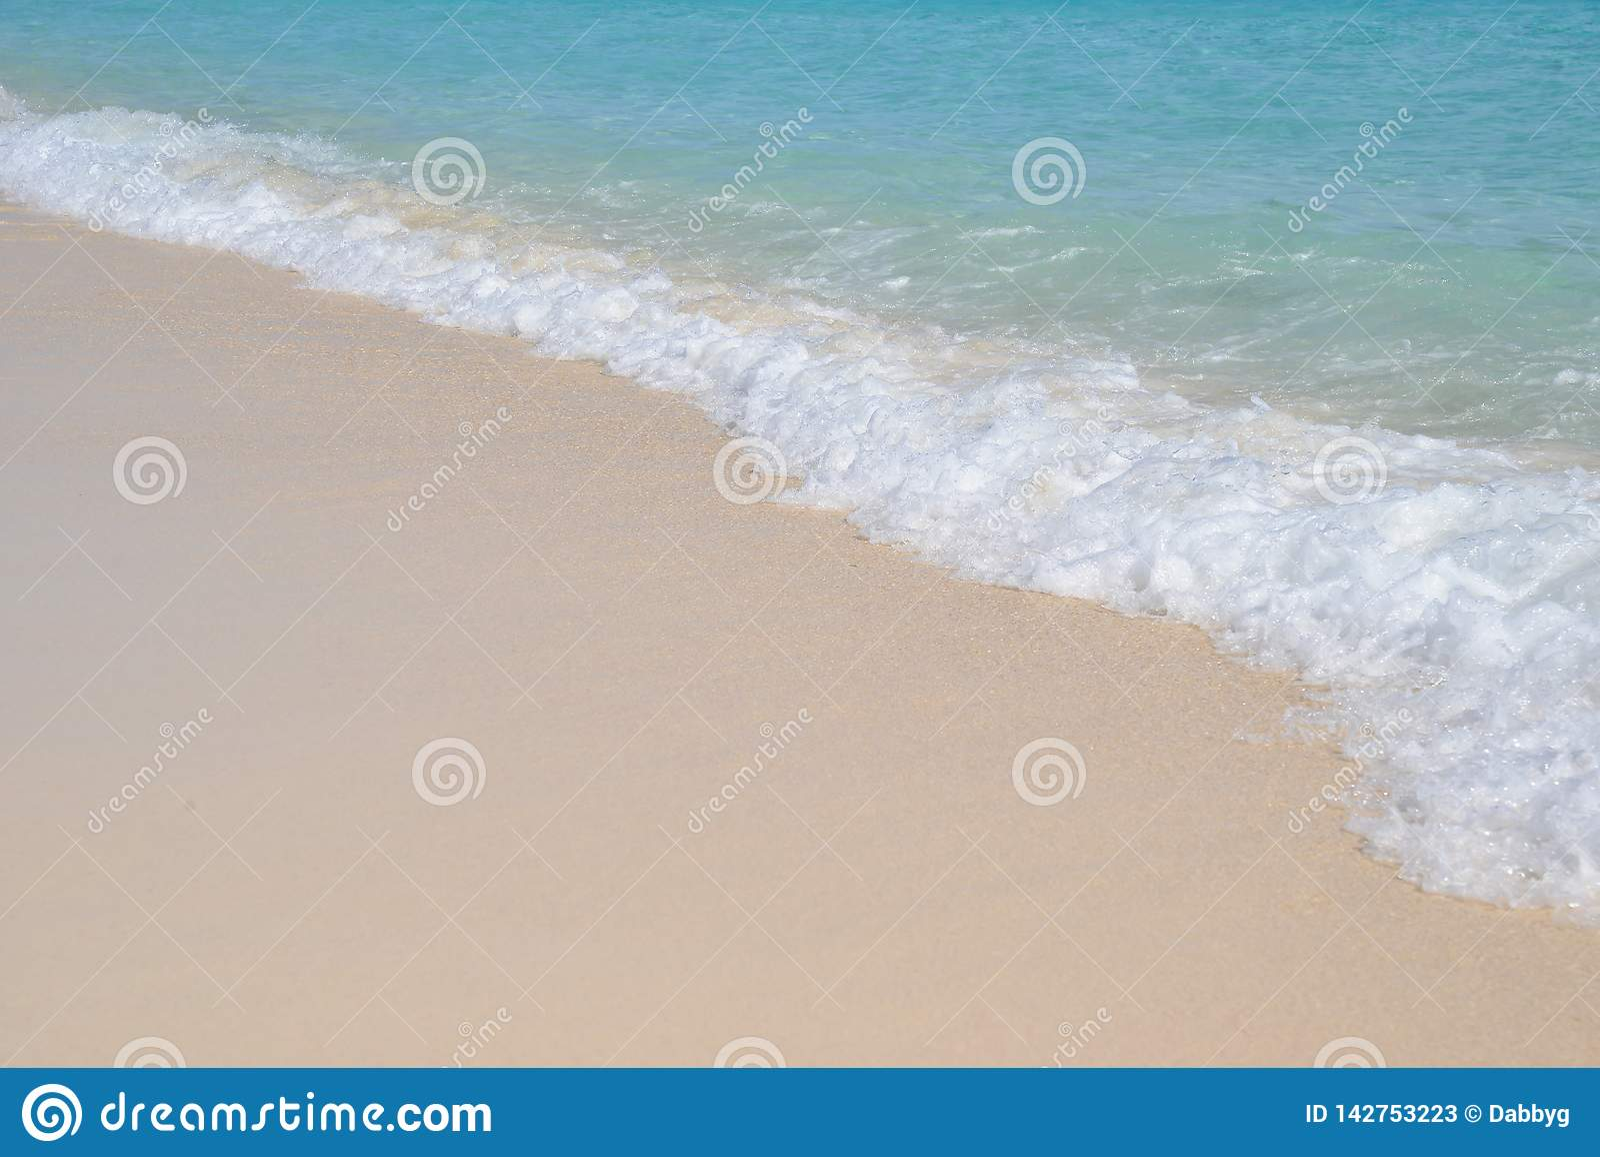 Tropiskt paradis, små vågor som bryter på en kristallklar strand